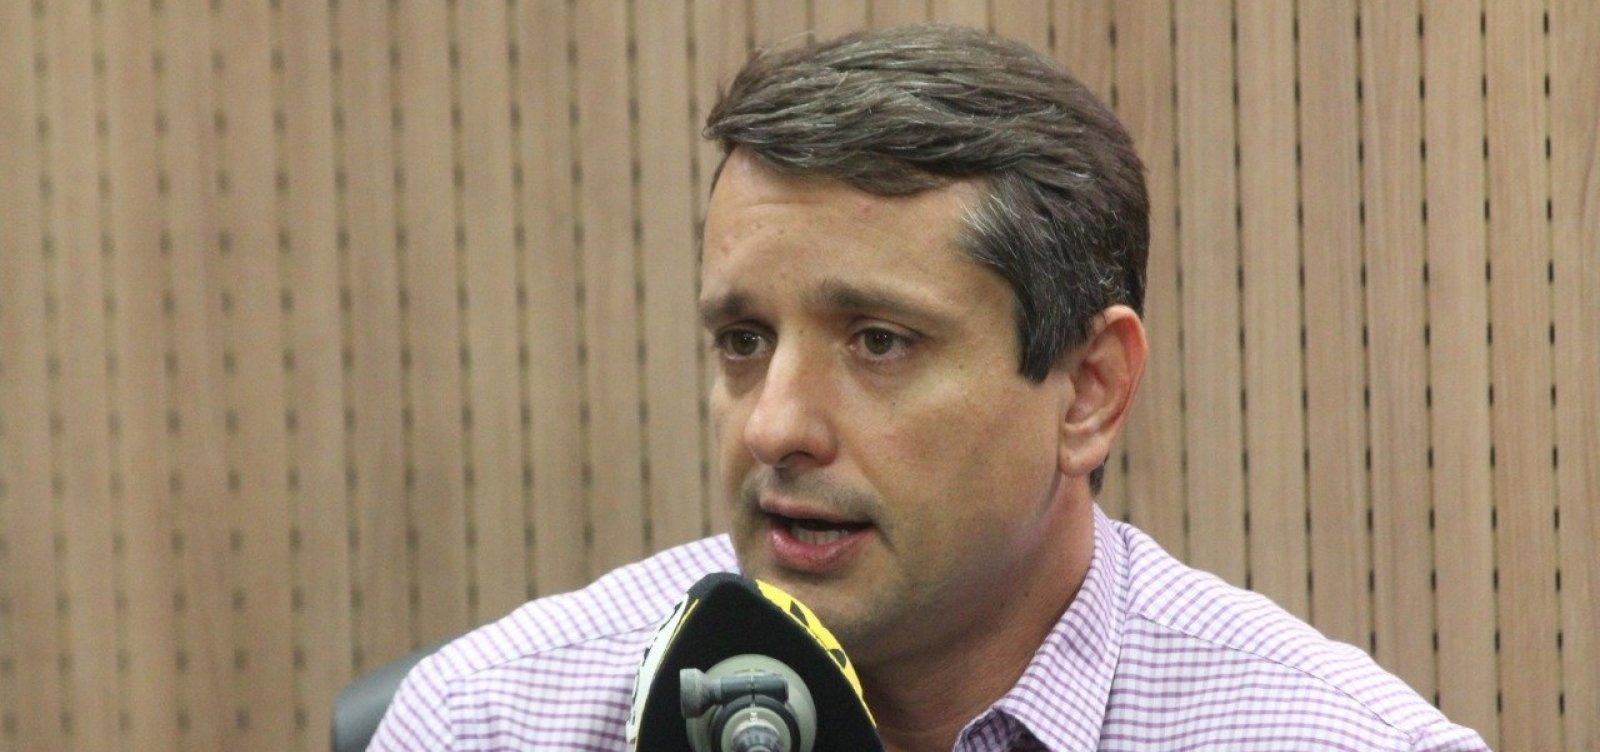 Semáforos de contagem regressiva devem desaparecer em Salvador, diz Fabrizzio Muller